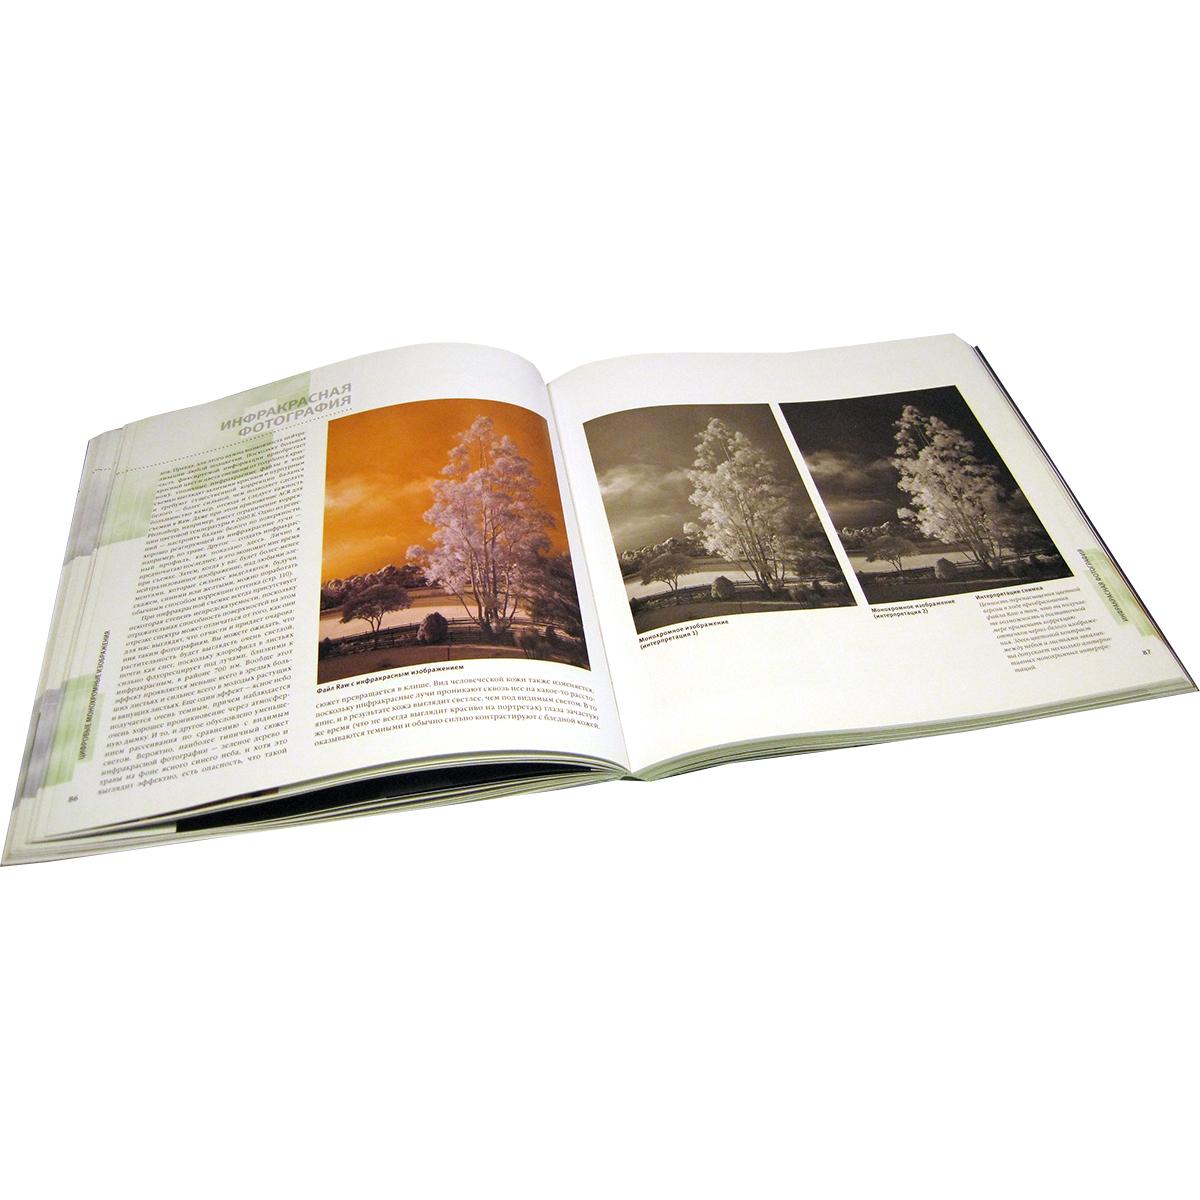 Взгляд фотографа. Черно-белая фотография (комплект из 2 книг)